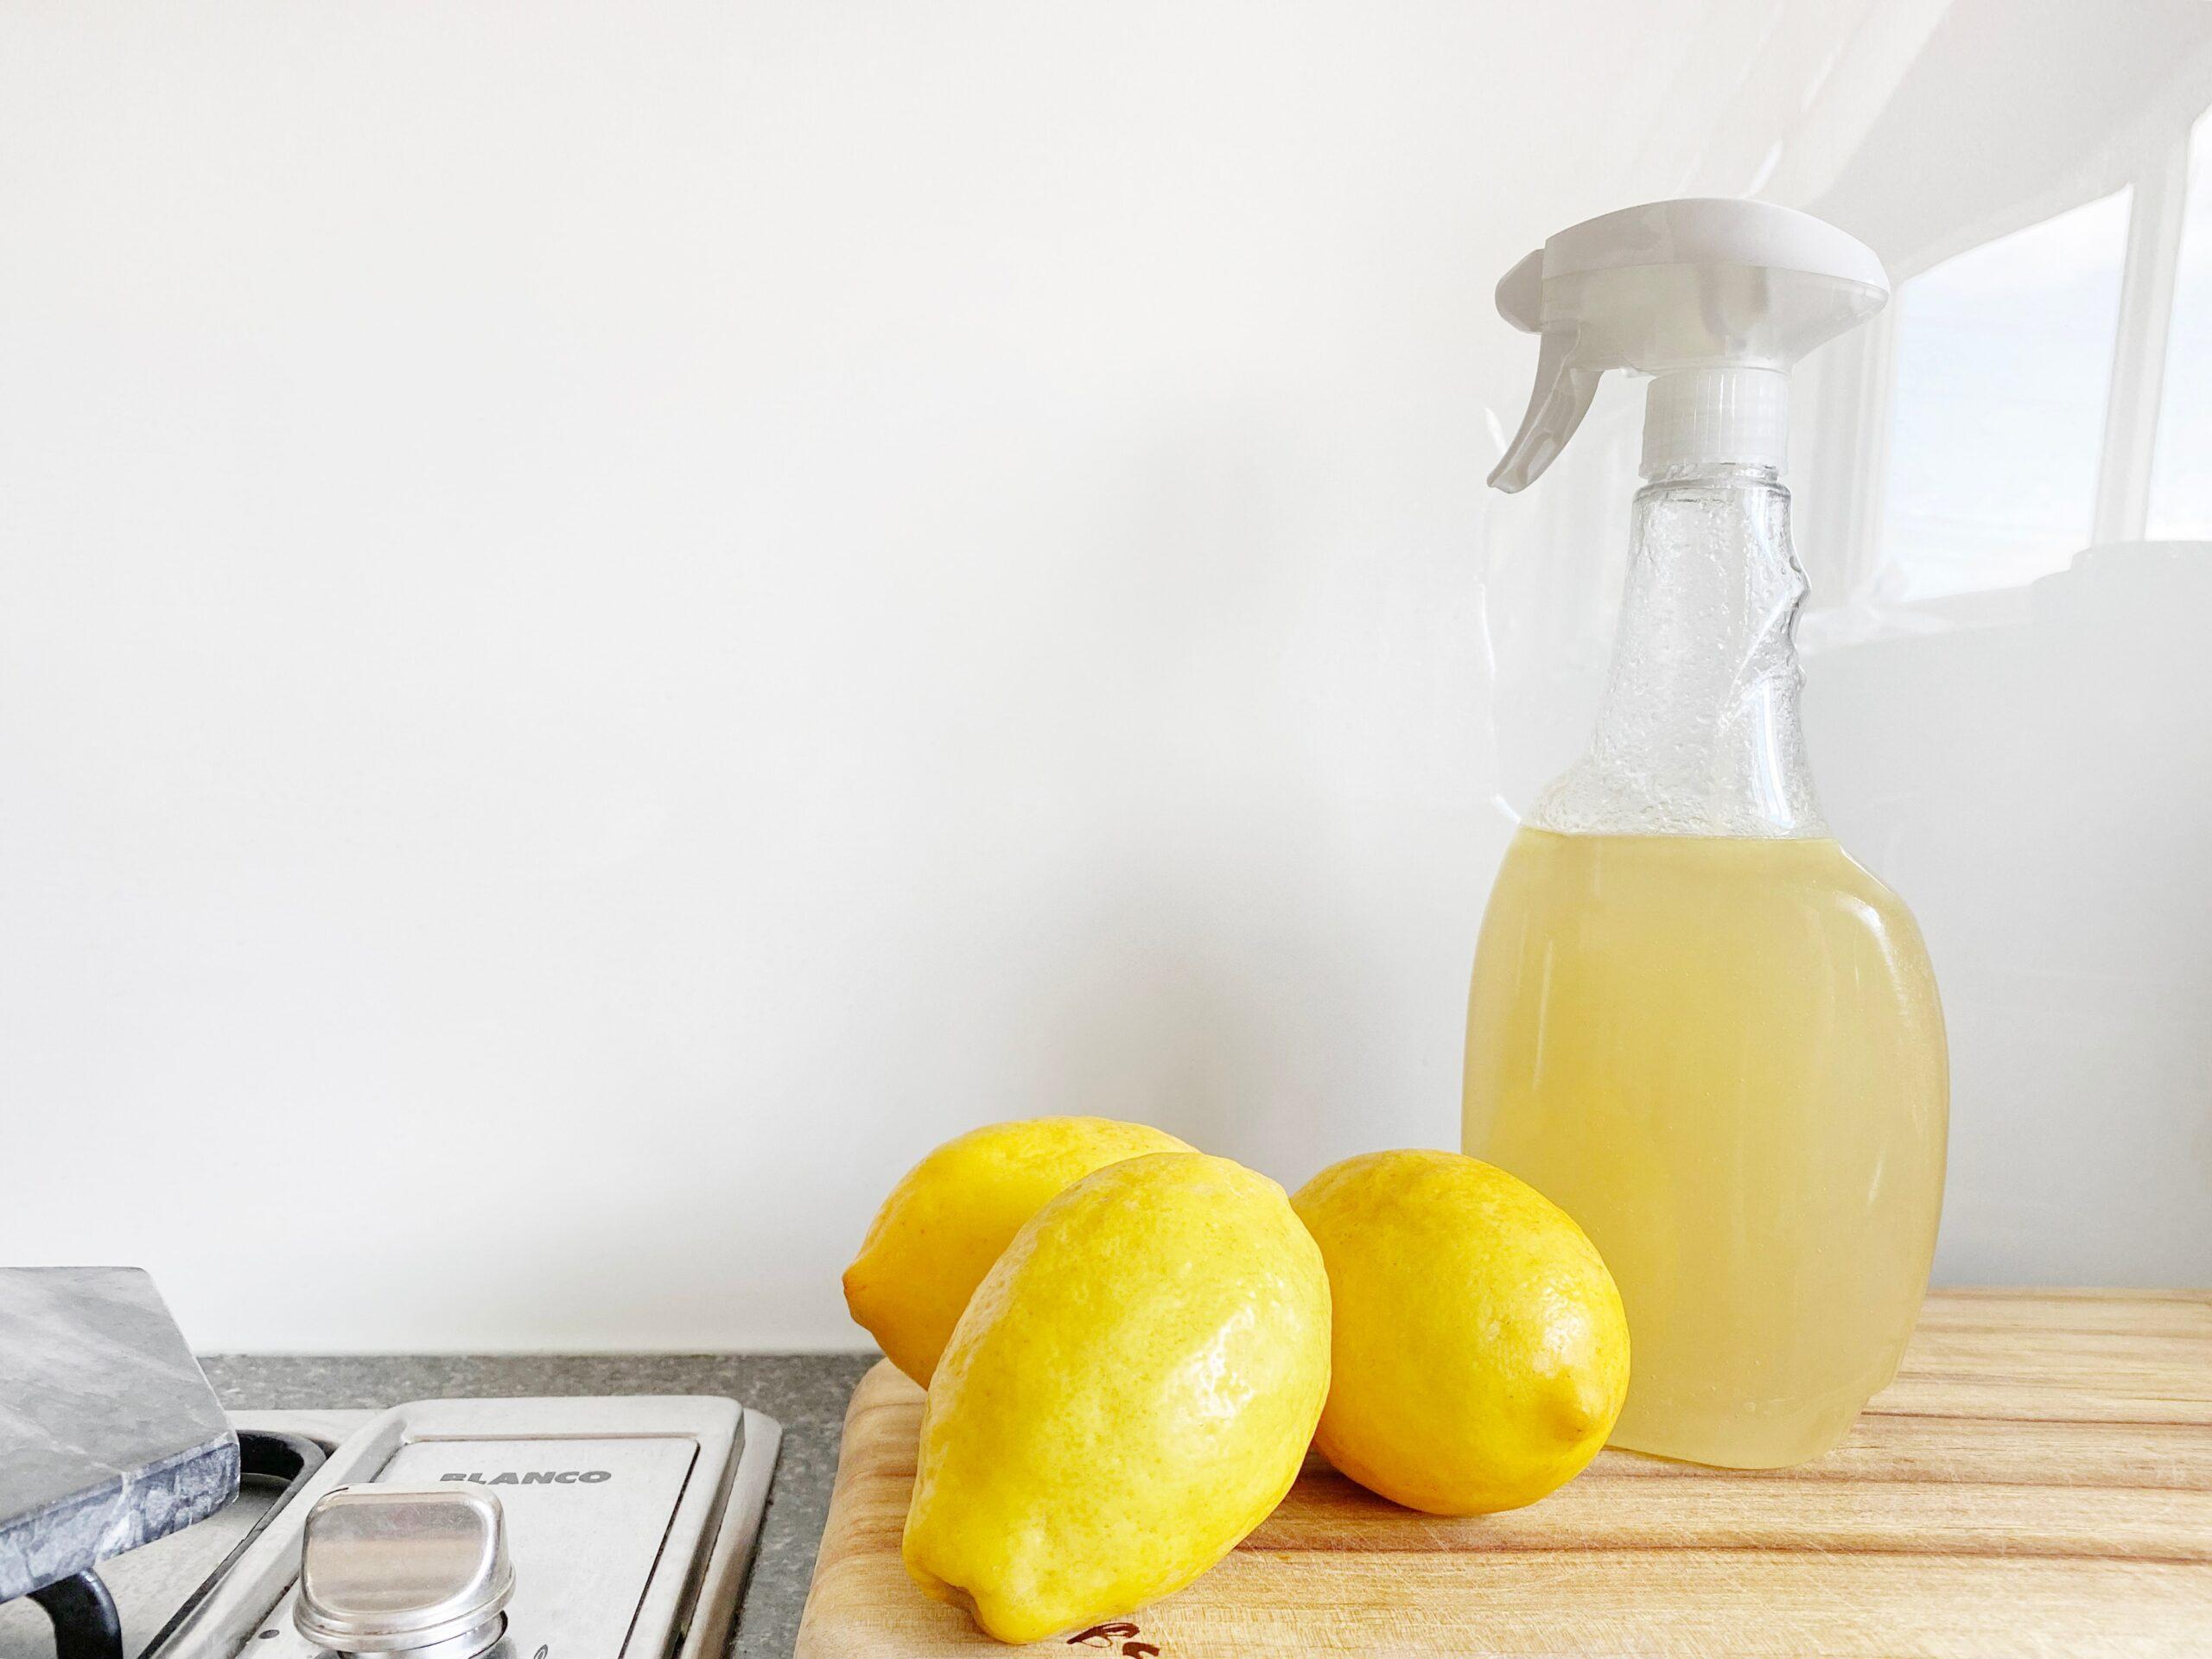 Lemon essential oil in spray bottle with lemons.